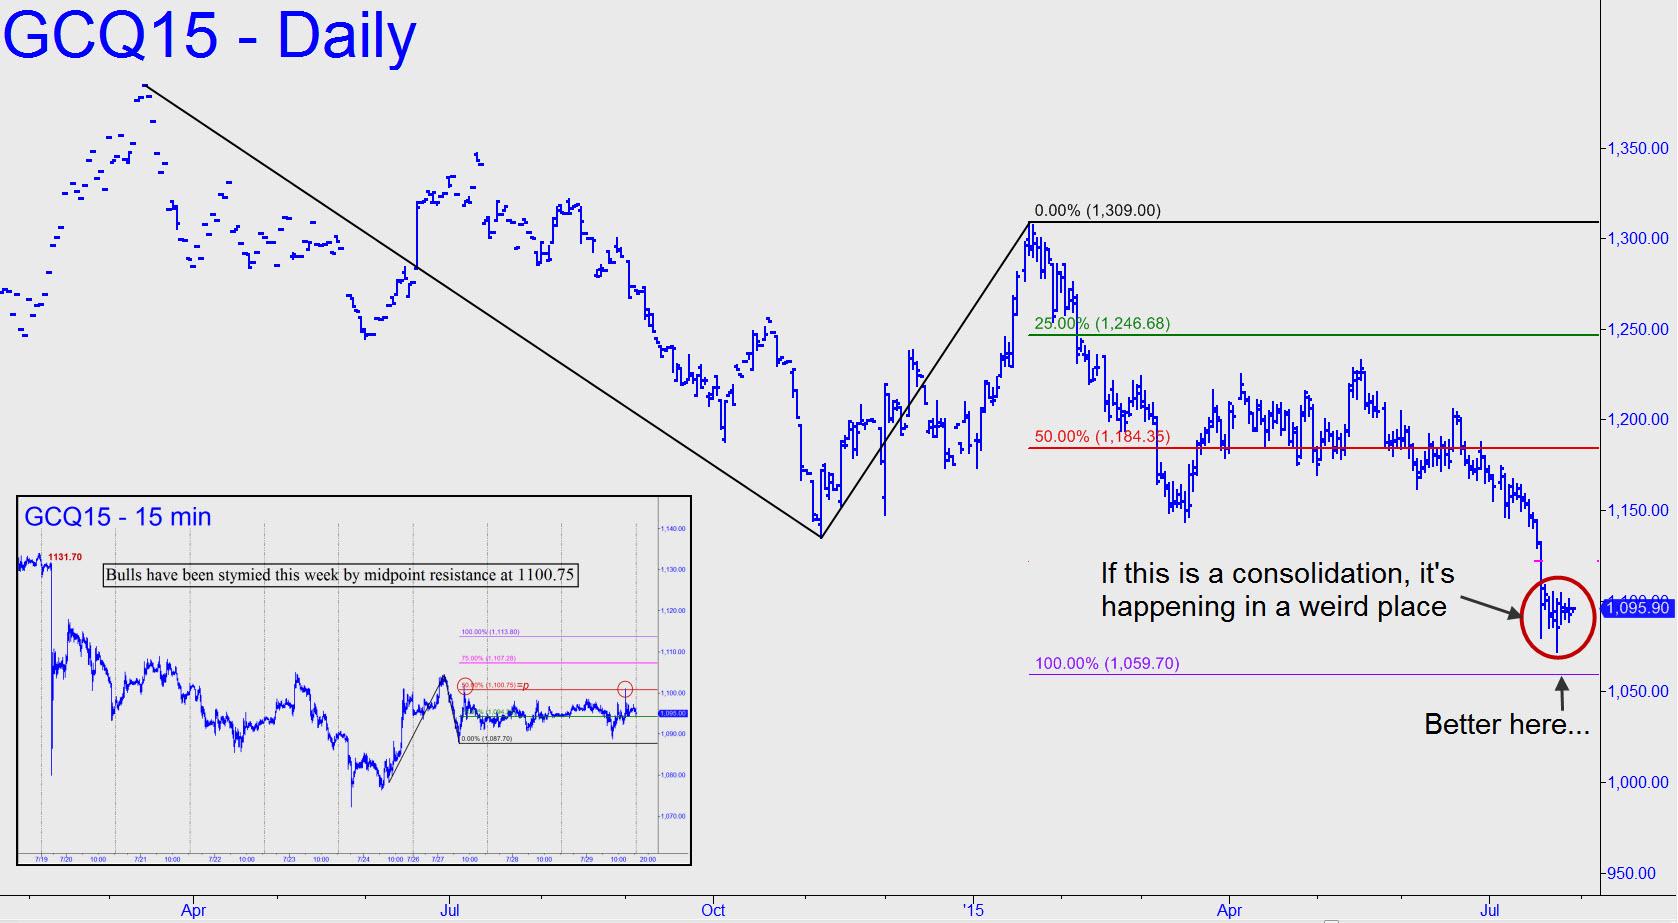 prix de l'or, de l'argent et des minières / suivi 2015 et ultérieurement - Page 4 Two-gold-charts-combined